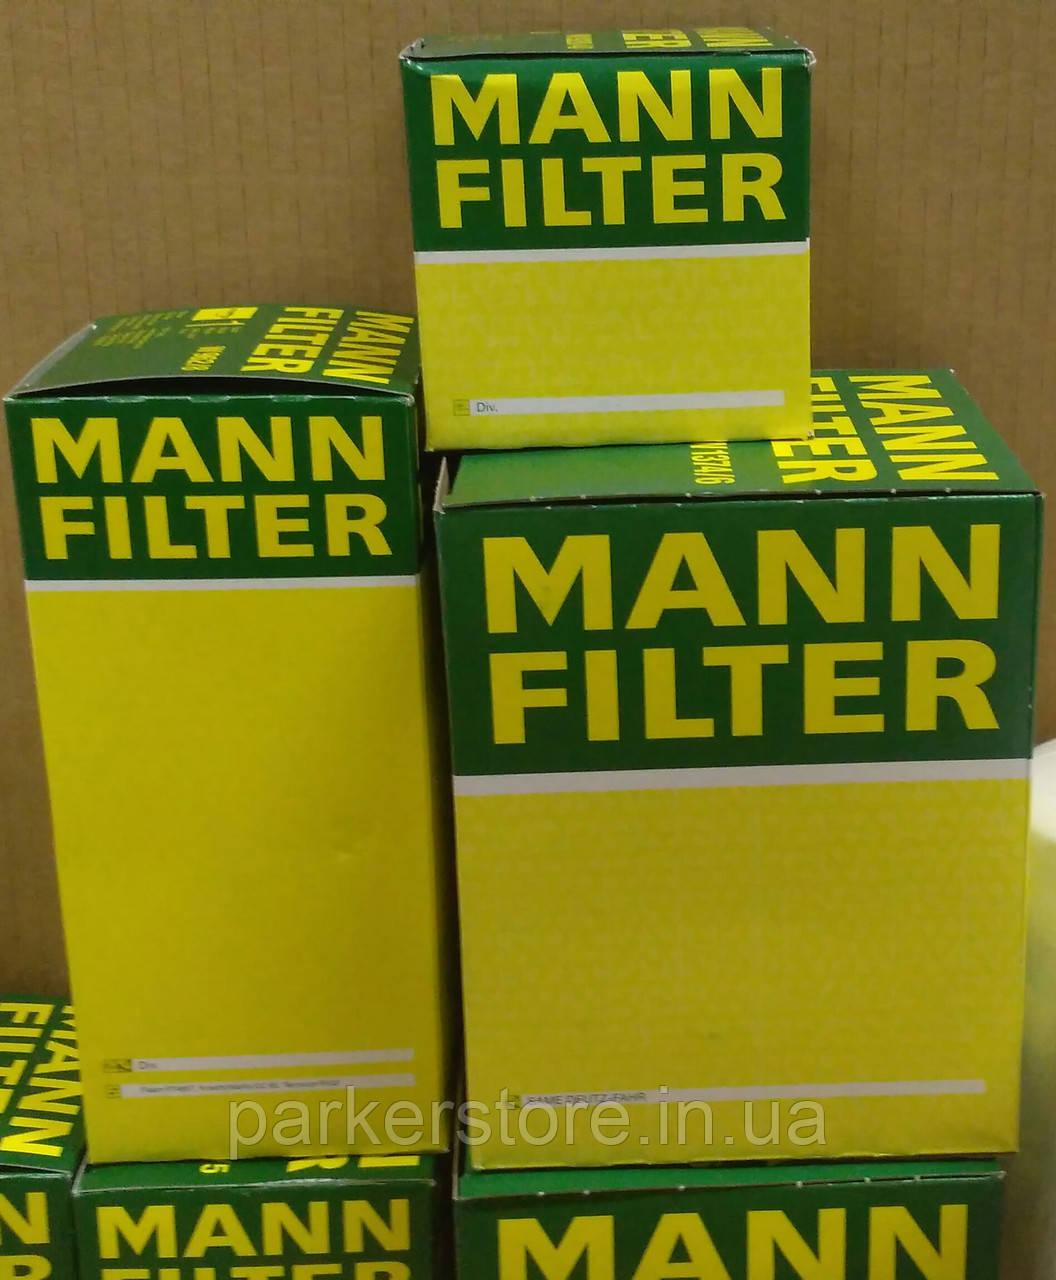 MANN FILTER / Воздушный фильтр / C 3091 / C3091